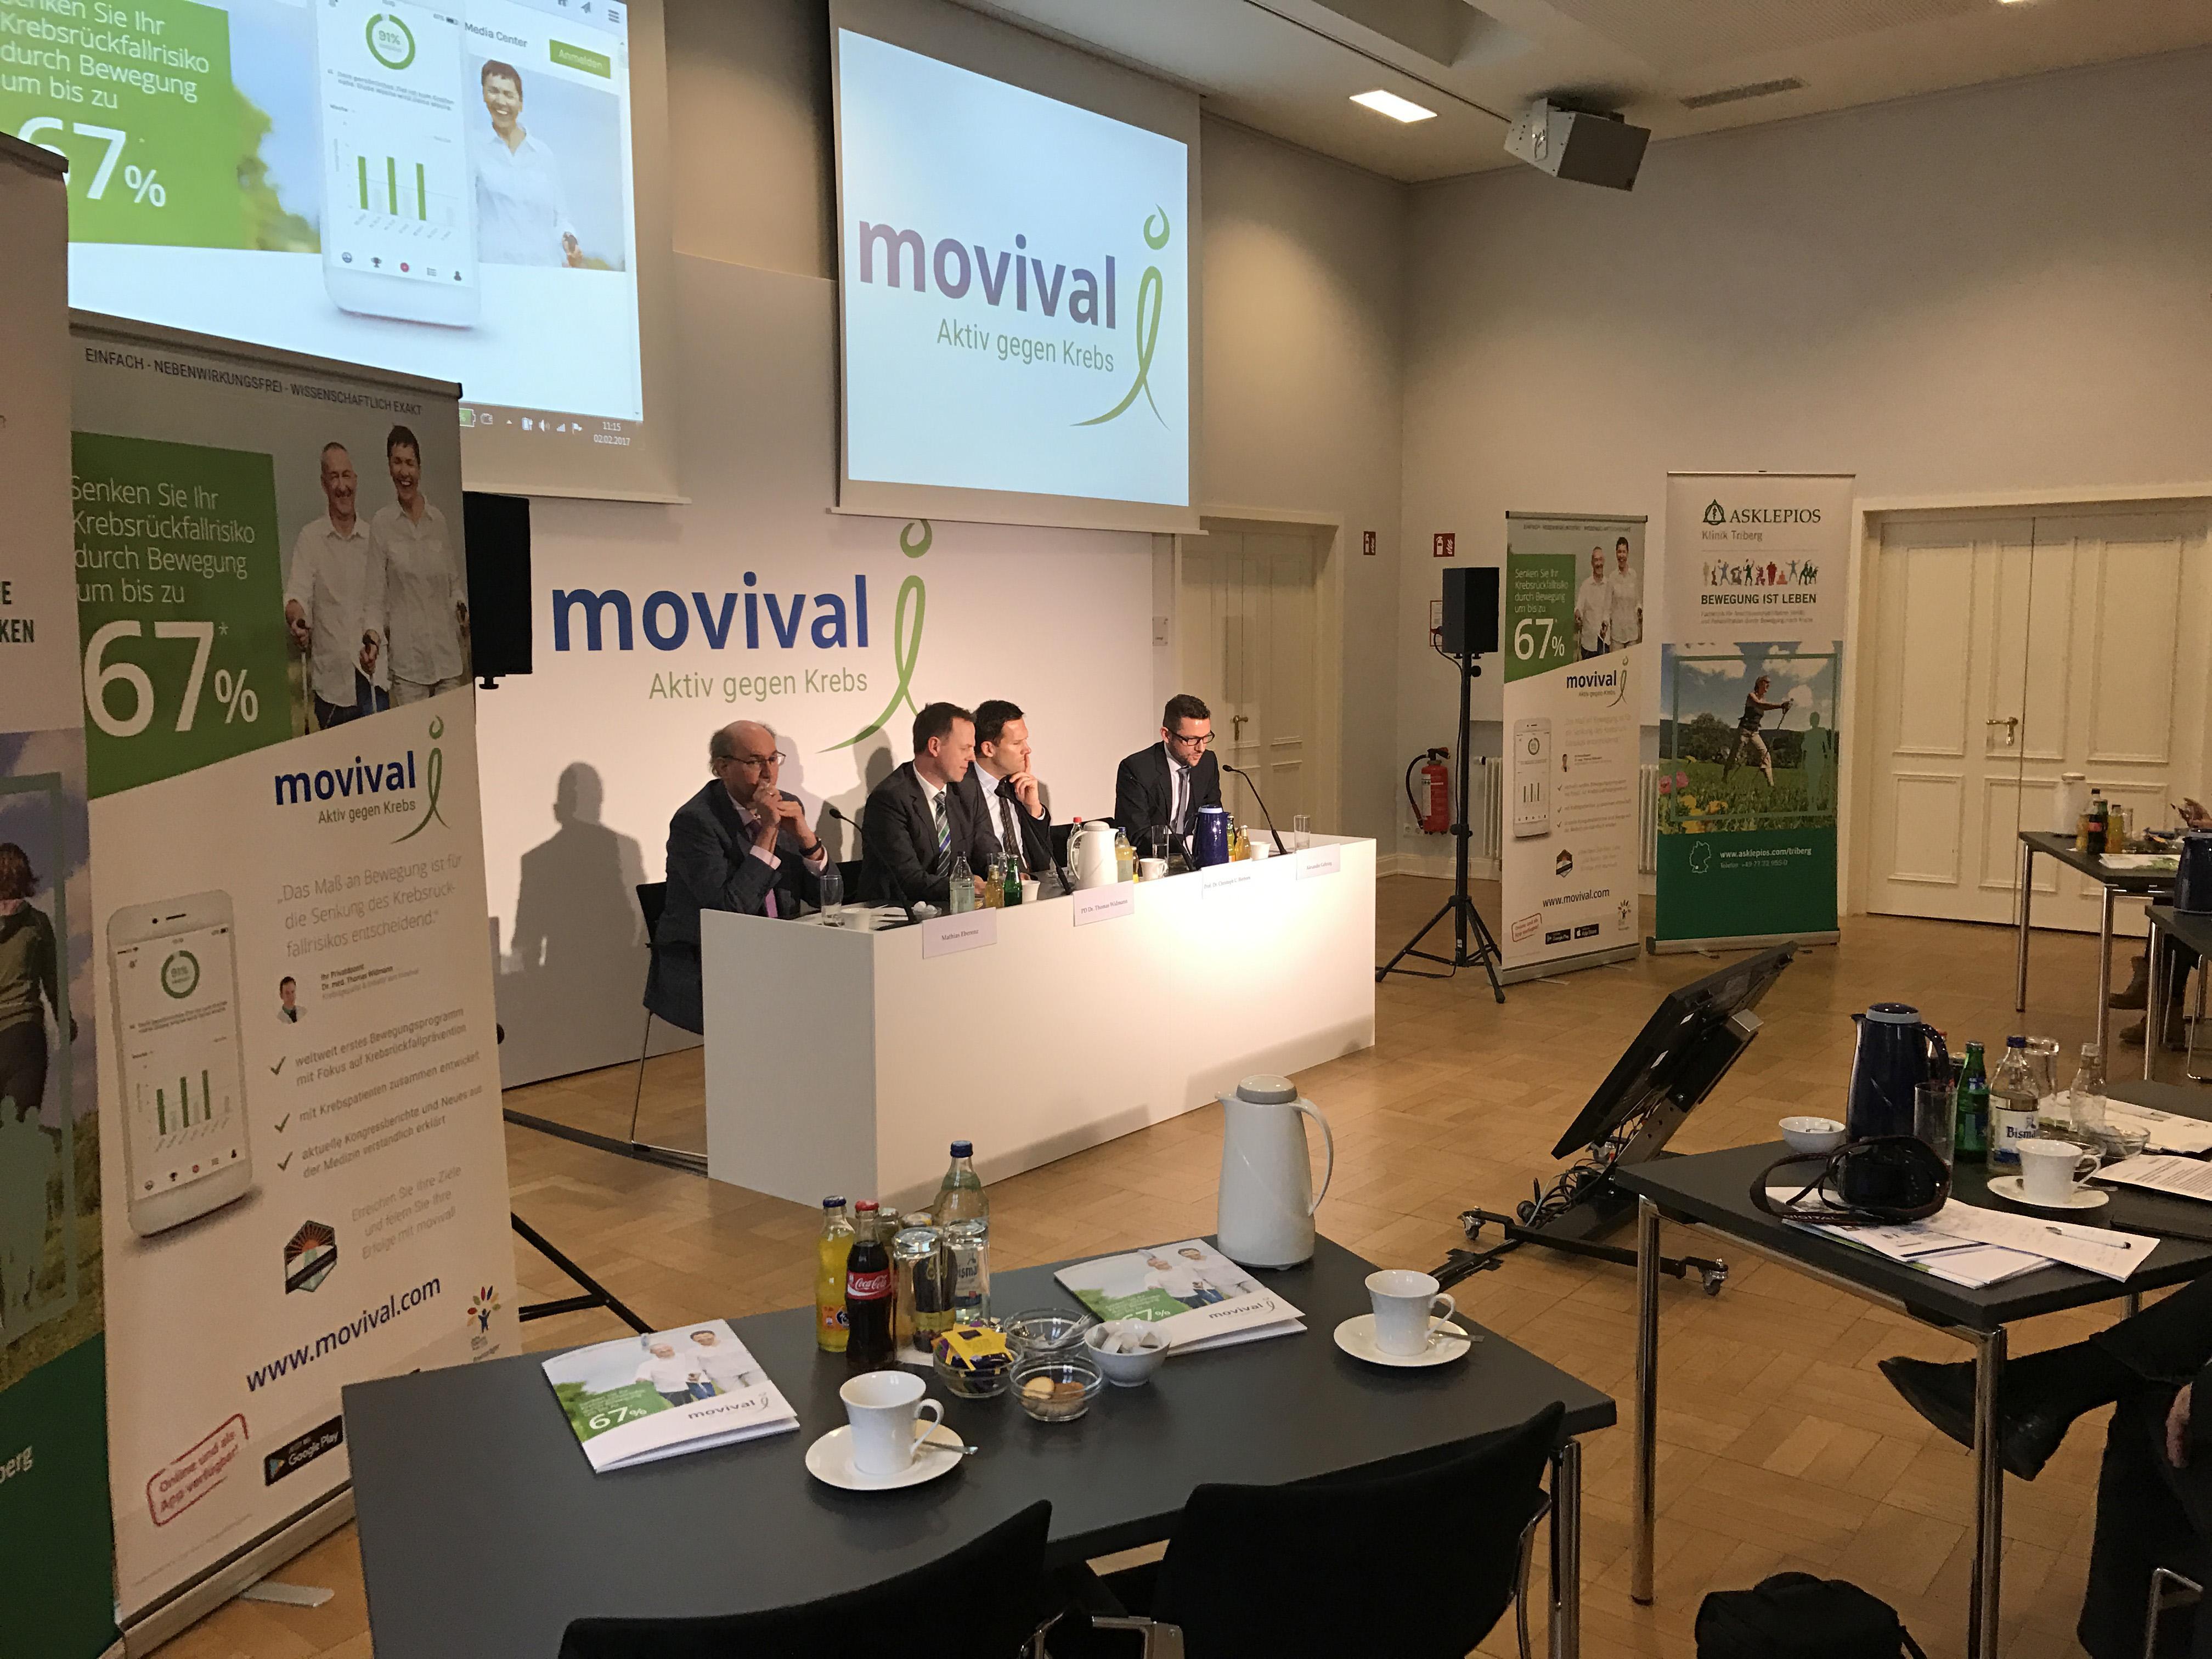 Pressekonferenz von movival und Asklepios Kliniken zum Start der movival-App am 2. Februar 2017